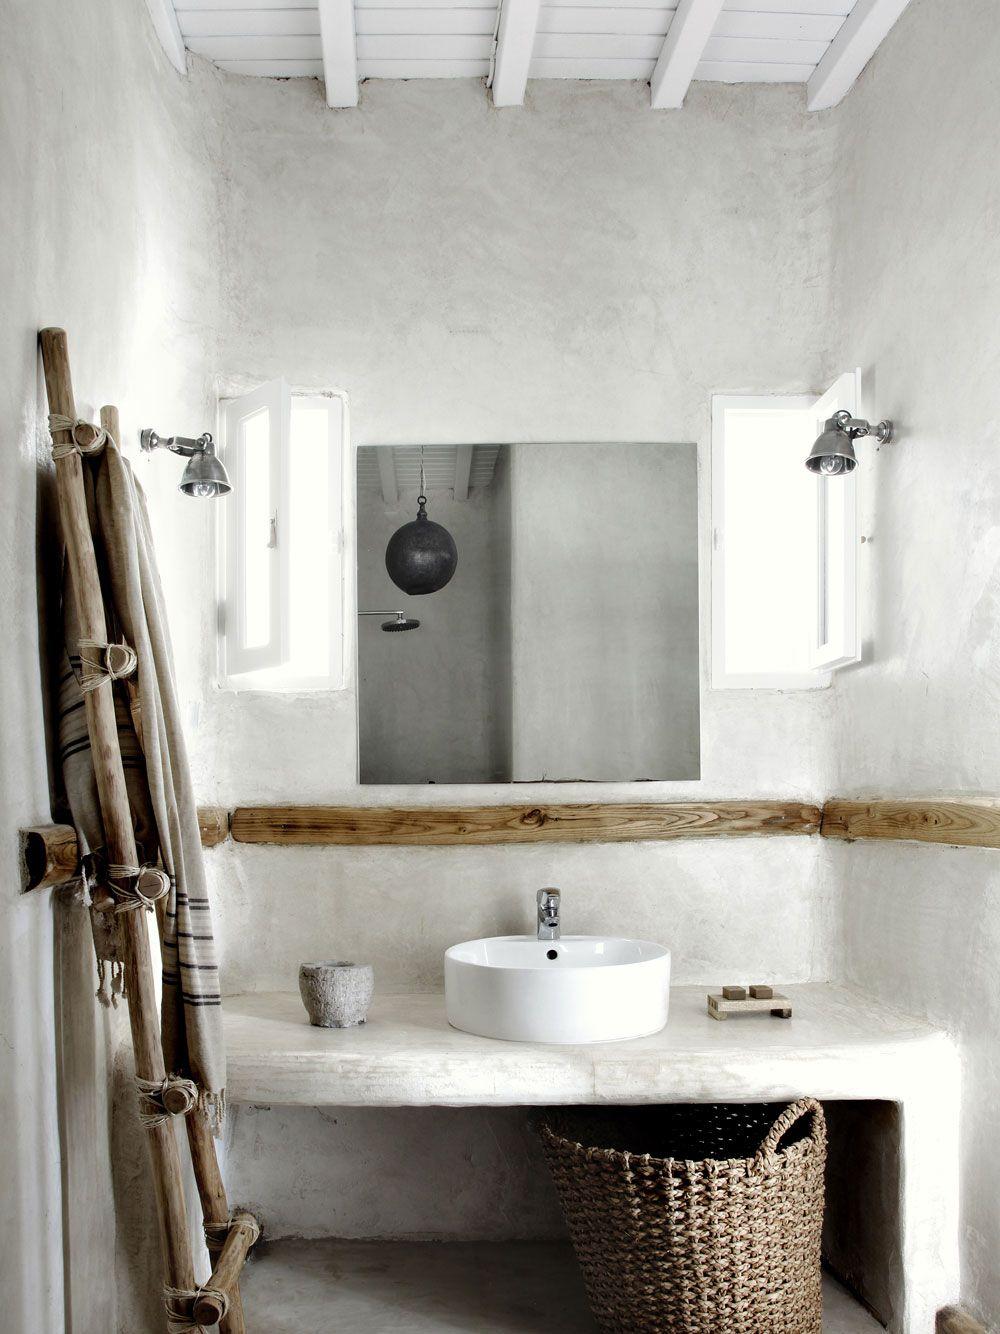 Ba o r stico encimera de obra para lavabo de dise o suelo microcemento ba os modernos - Encimeras de microcemento ...